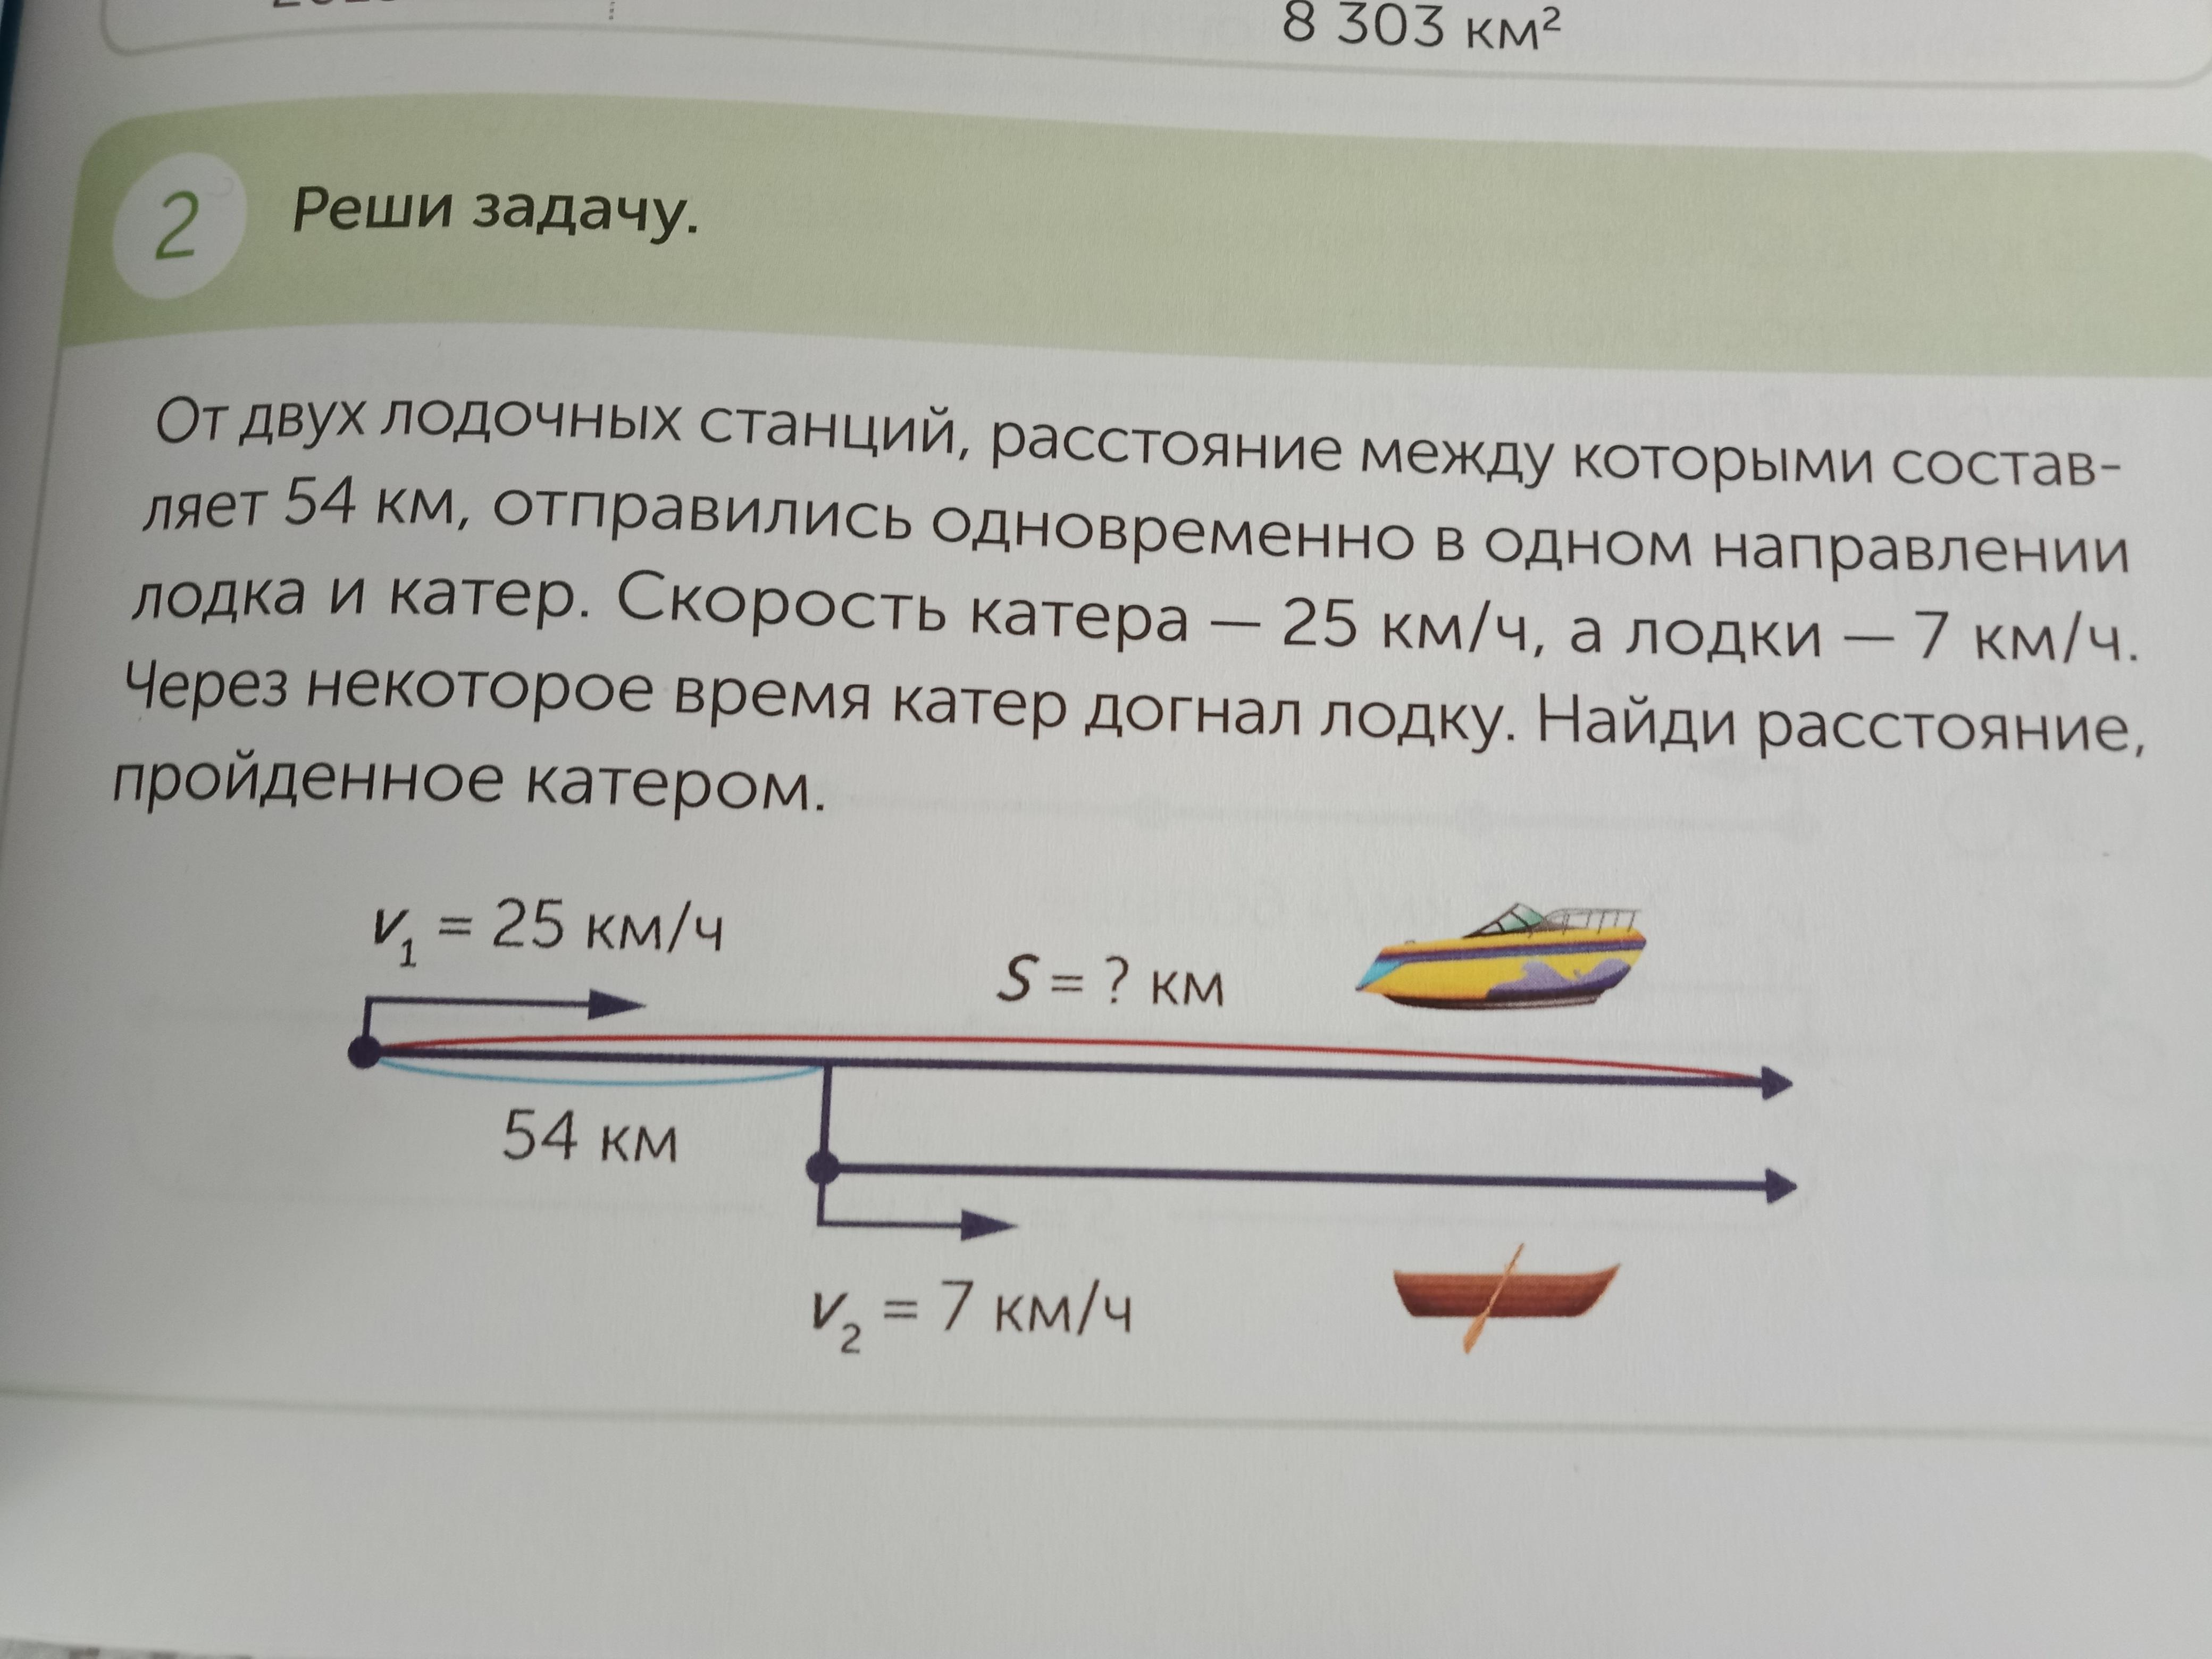 Как решить задачу от двух станций расстояние решение задач по начислению ндс в бюджет